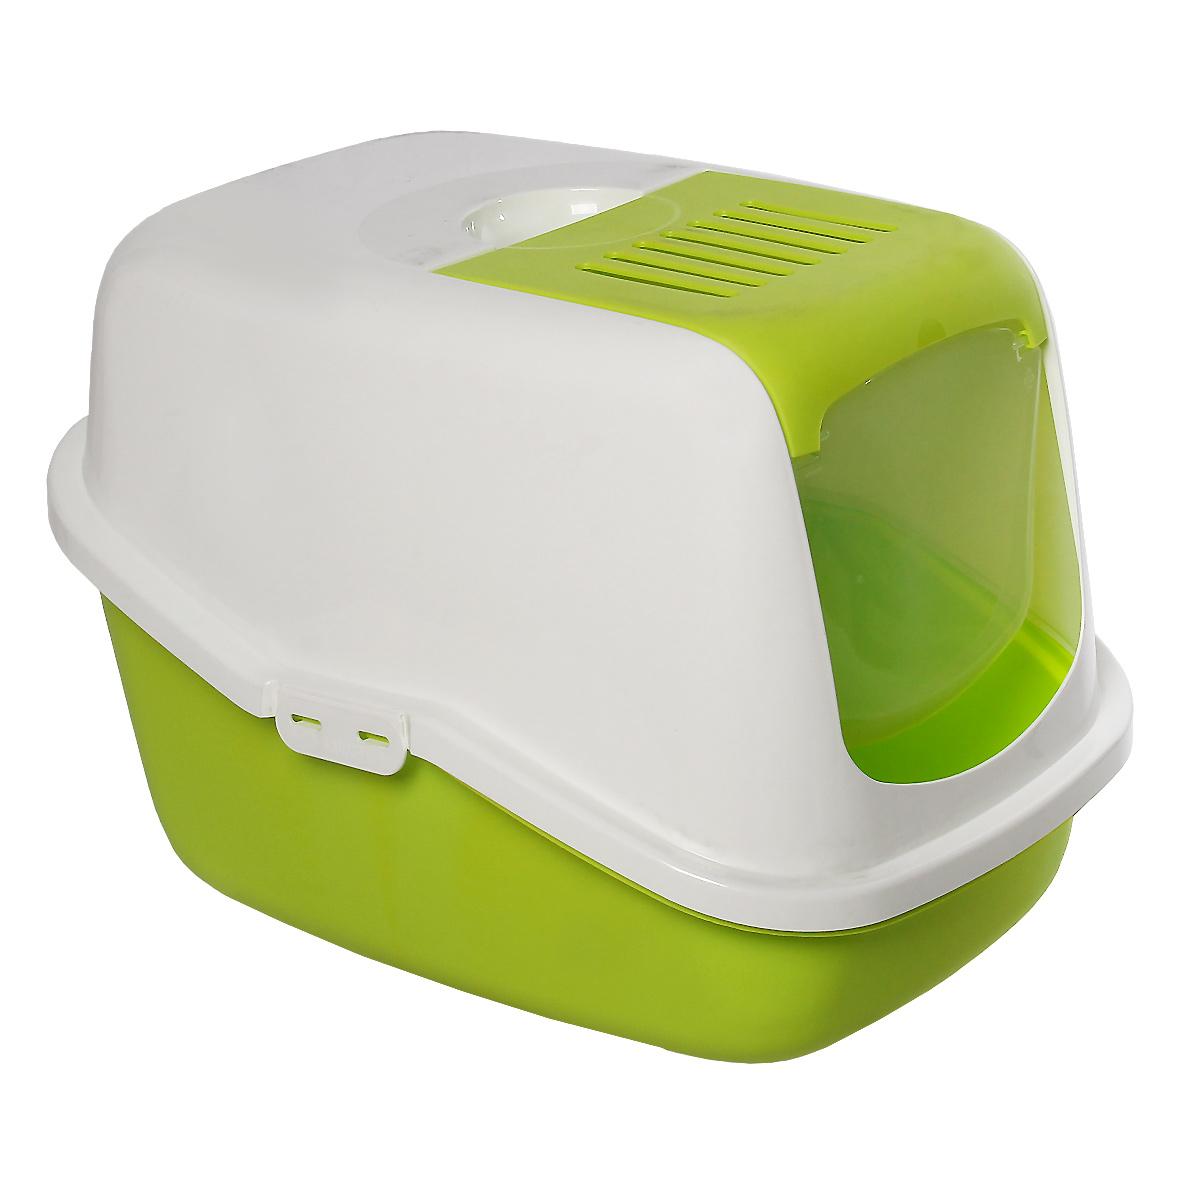 Туалет для кошек Savic  Nestor , закрытый, цвет: белый, зеленый лимон, 56 см х 39 см х 38,5 см